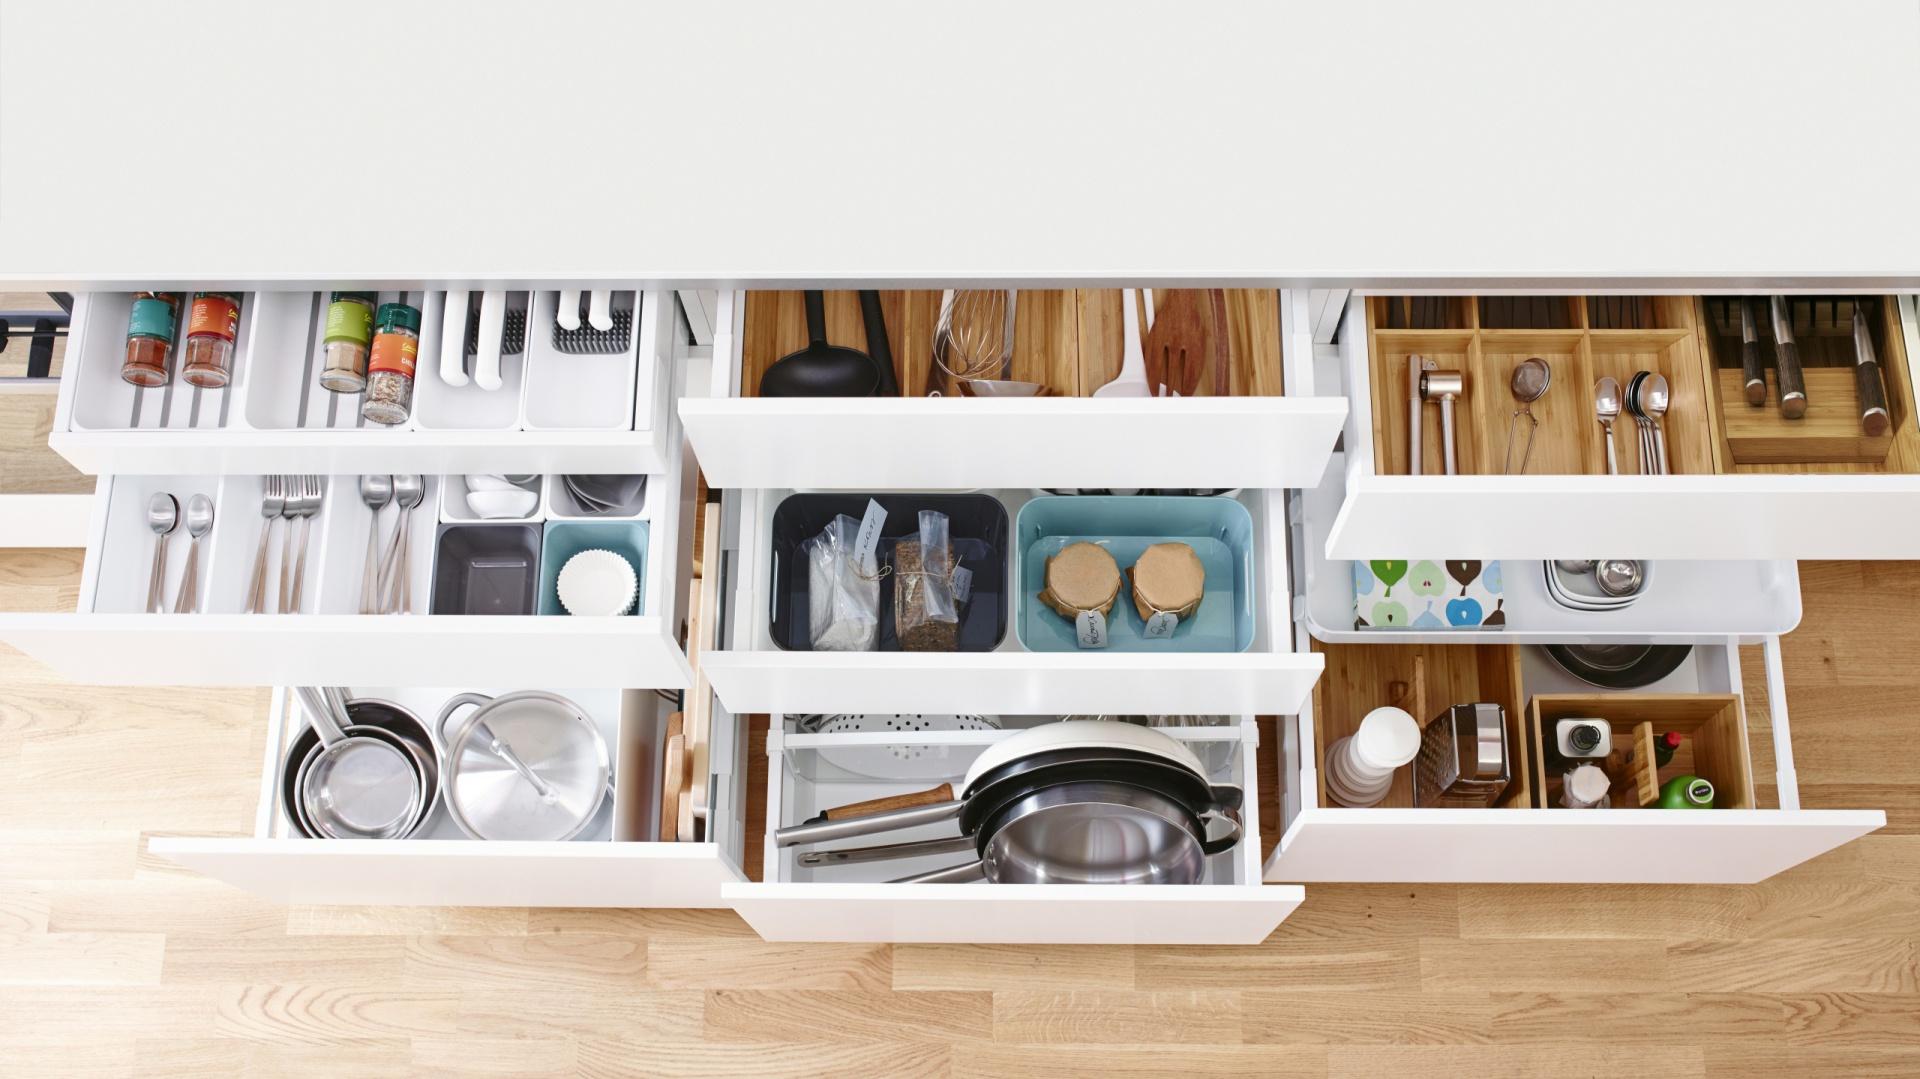 Liczne wkłady i pojemniki pozwalają utrzymać w szufladach idealny porządek. Wszystko zawsze jest na swoim miejscu. Fot. IKEA.